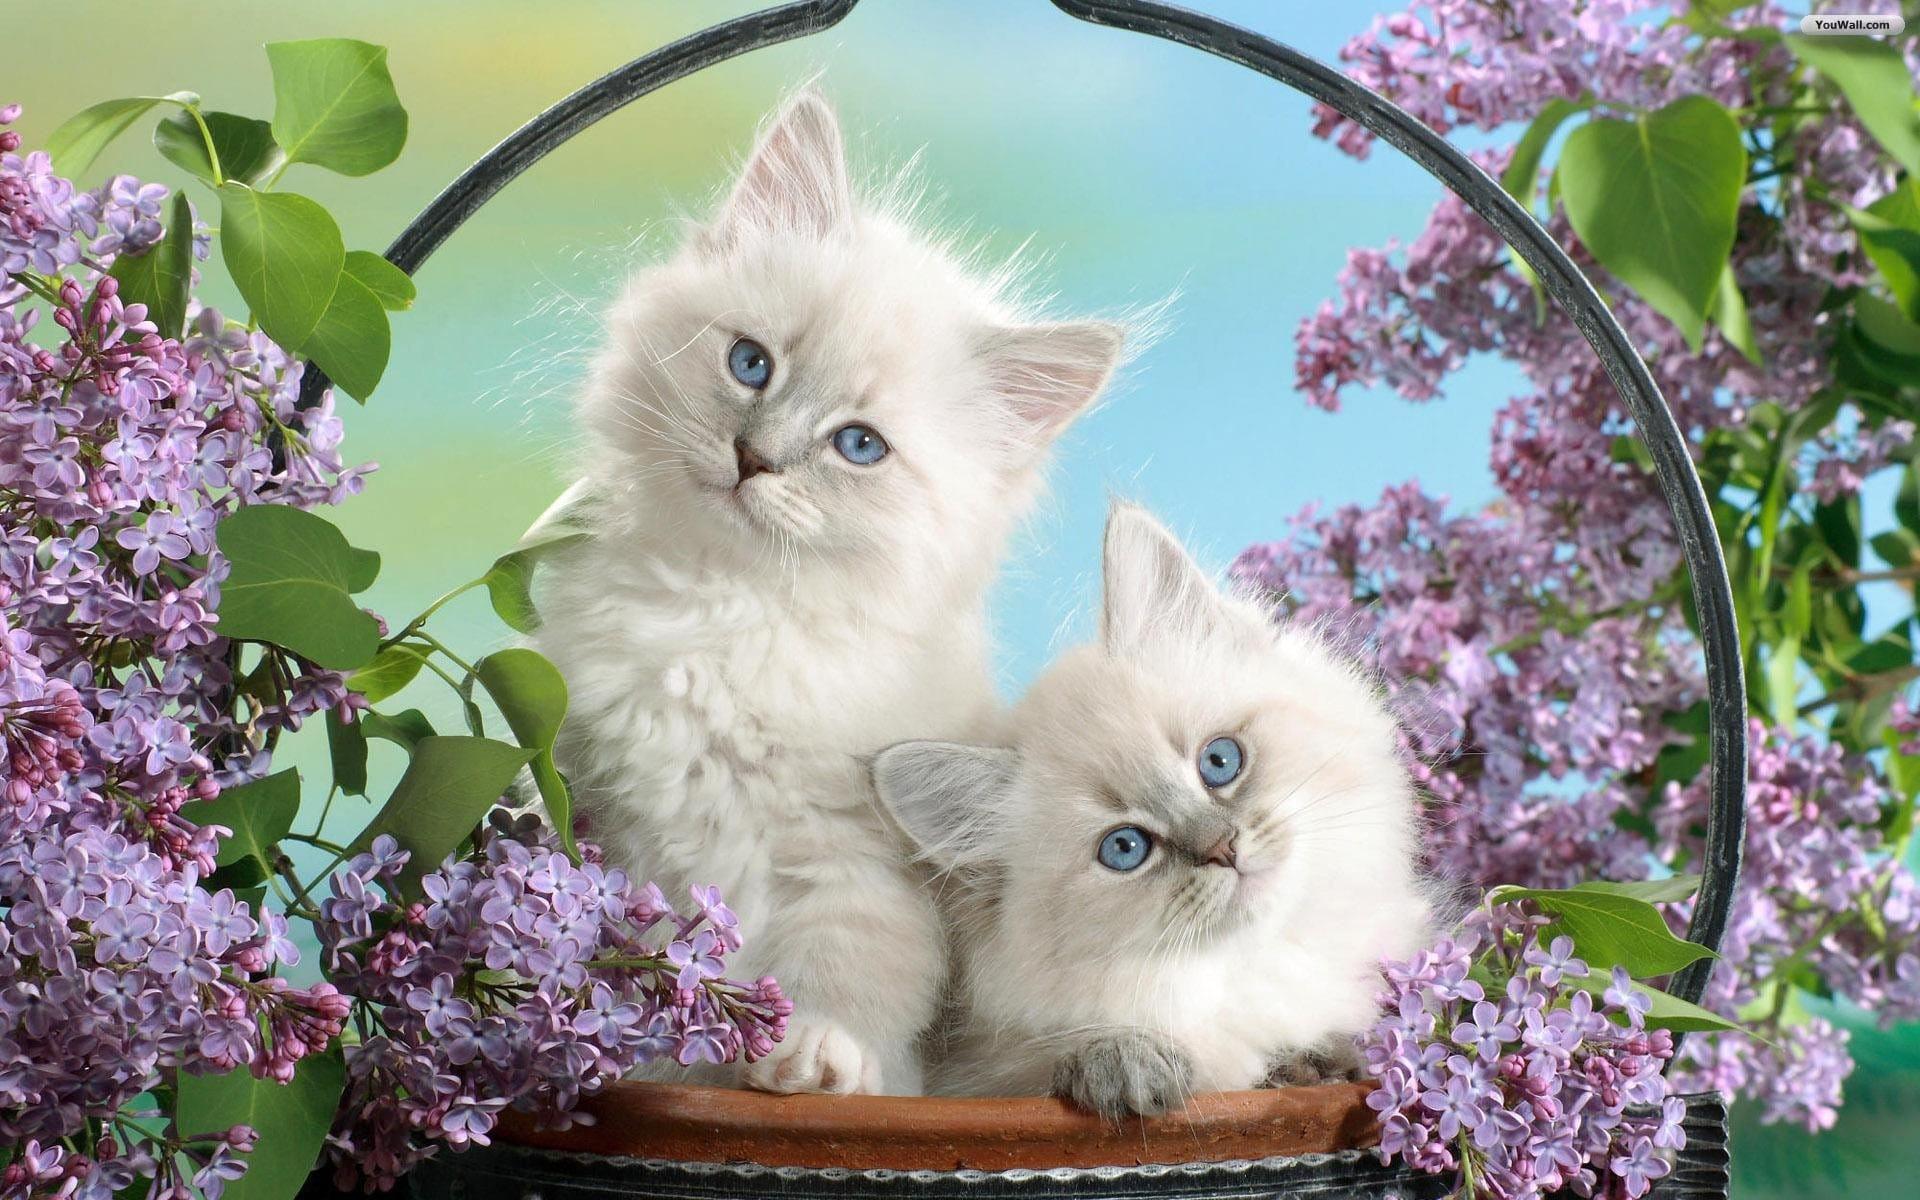 Hình ảnh đáng yêu của những chú mèo con giúp bạn quên đi sự mệt mỏi sau công việc